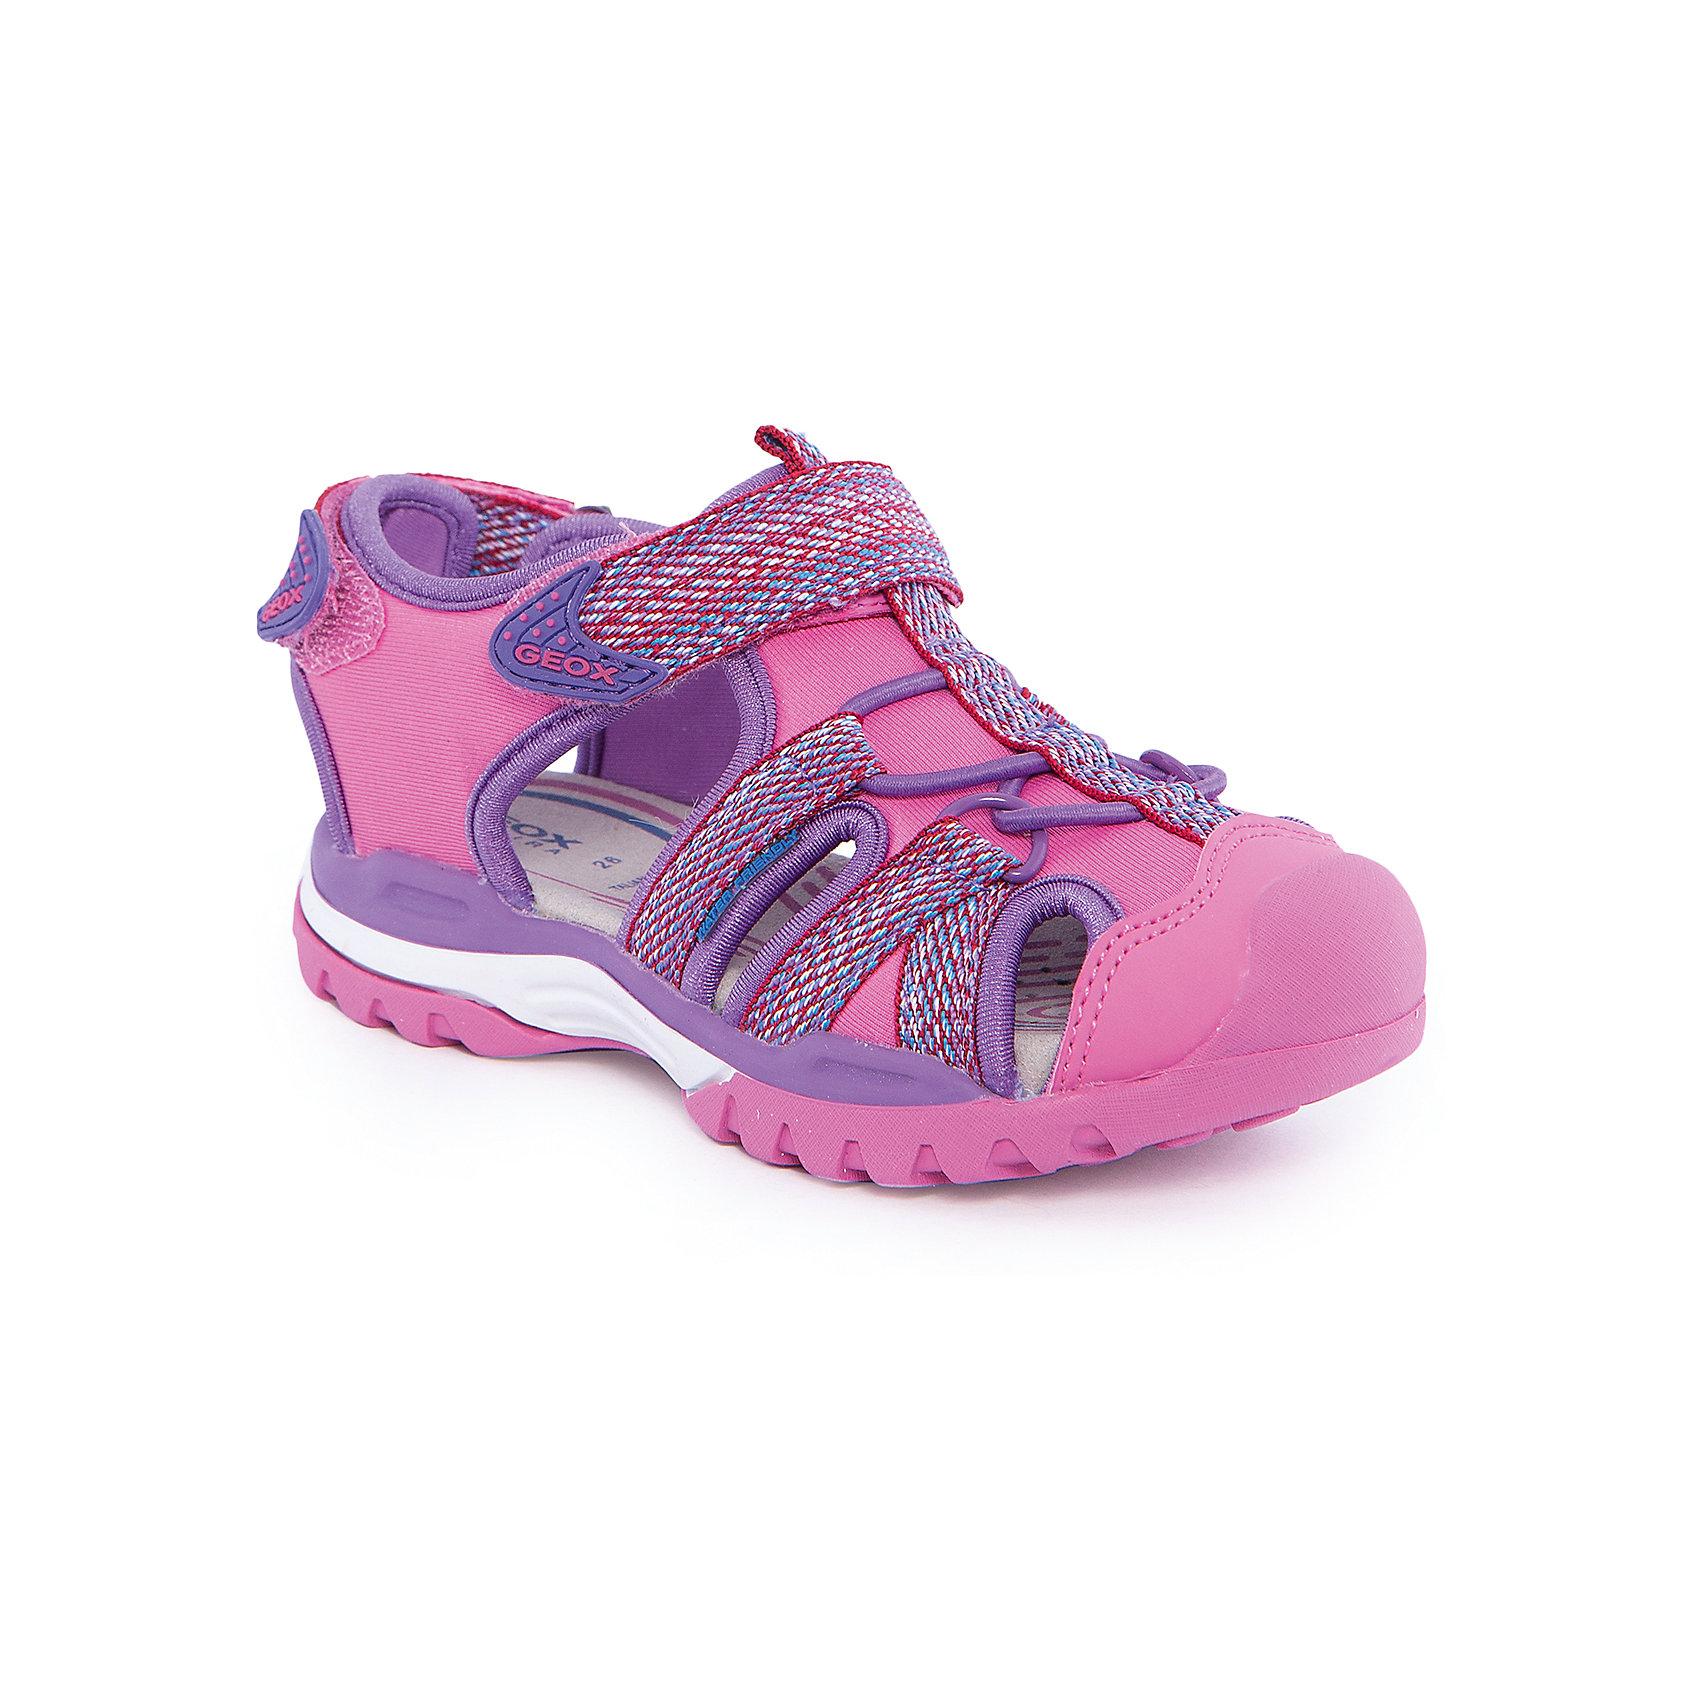 Босоножки для девочки GEOXБосоножки для девочки от популярной марки GEOX (Геокс).<br><br>Модные легкие босоножки - отличная обувь для нового летнего сезона. Эта модель создана специально для девочек, она очень стильно и оригинально смотрится.<br>Производитель обуви заботится не только о внешнем виде, но и стабильно высоком качестве продукции. GEOX (Геокс) разработал специальную высокотехнологичную стельку. Вся обувь делается только из качественных и надежных материалов.<br><br>Отличительные особенности модели:<br><br>- цвет: розовый;<br>- декорирована яркой тесьмой;<br>- гибкая прочная подошва;<br>- мягкий и легкий верх;<br>- защита пальцев;<br>- стильный дизайн;<br>- анатомическая стелька;<br>- удобные застежки - липучки;<br>- комфортное облегание;<br>- декоративная шнуровка.<br><br>Дополнительная информация:<br><br>- Сезон: весна/лето.<br><br>- Состав:<br><br>материал верха: текстиль;<br>подошва: 100% резина.<br><br>Босоножки для девочки GEOX (Геокс) можно купить в нашем магазине.<br><br>Ширина мм: 219<br>Глубина мм: 154<br>Высота мм: 121<br>Вес г: 343<br>Цвет: розовый<br>Возраст от месяцев: 36<br>Возраст до месяцев: 48<br>Пол: Женский<br>Возраст: Детский<br>Размер: 27,32,26,30,31,34,36,35,29,33,28<br>SKU: 4519053